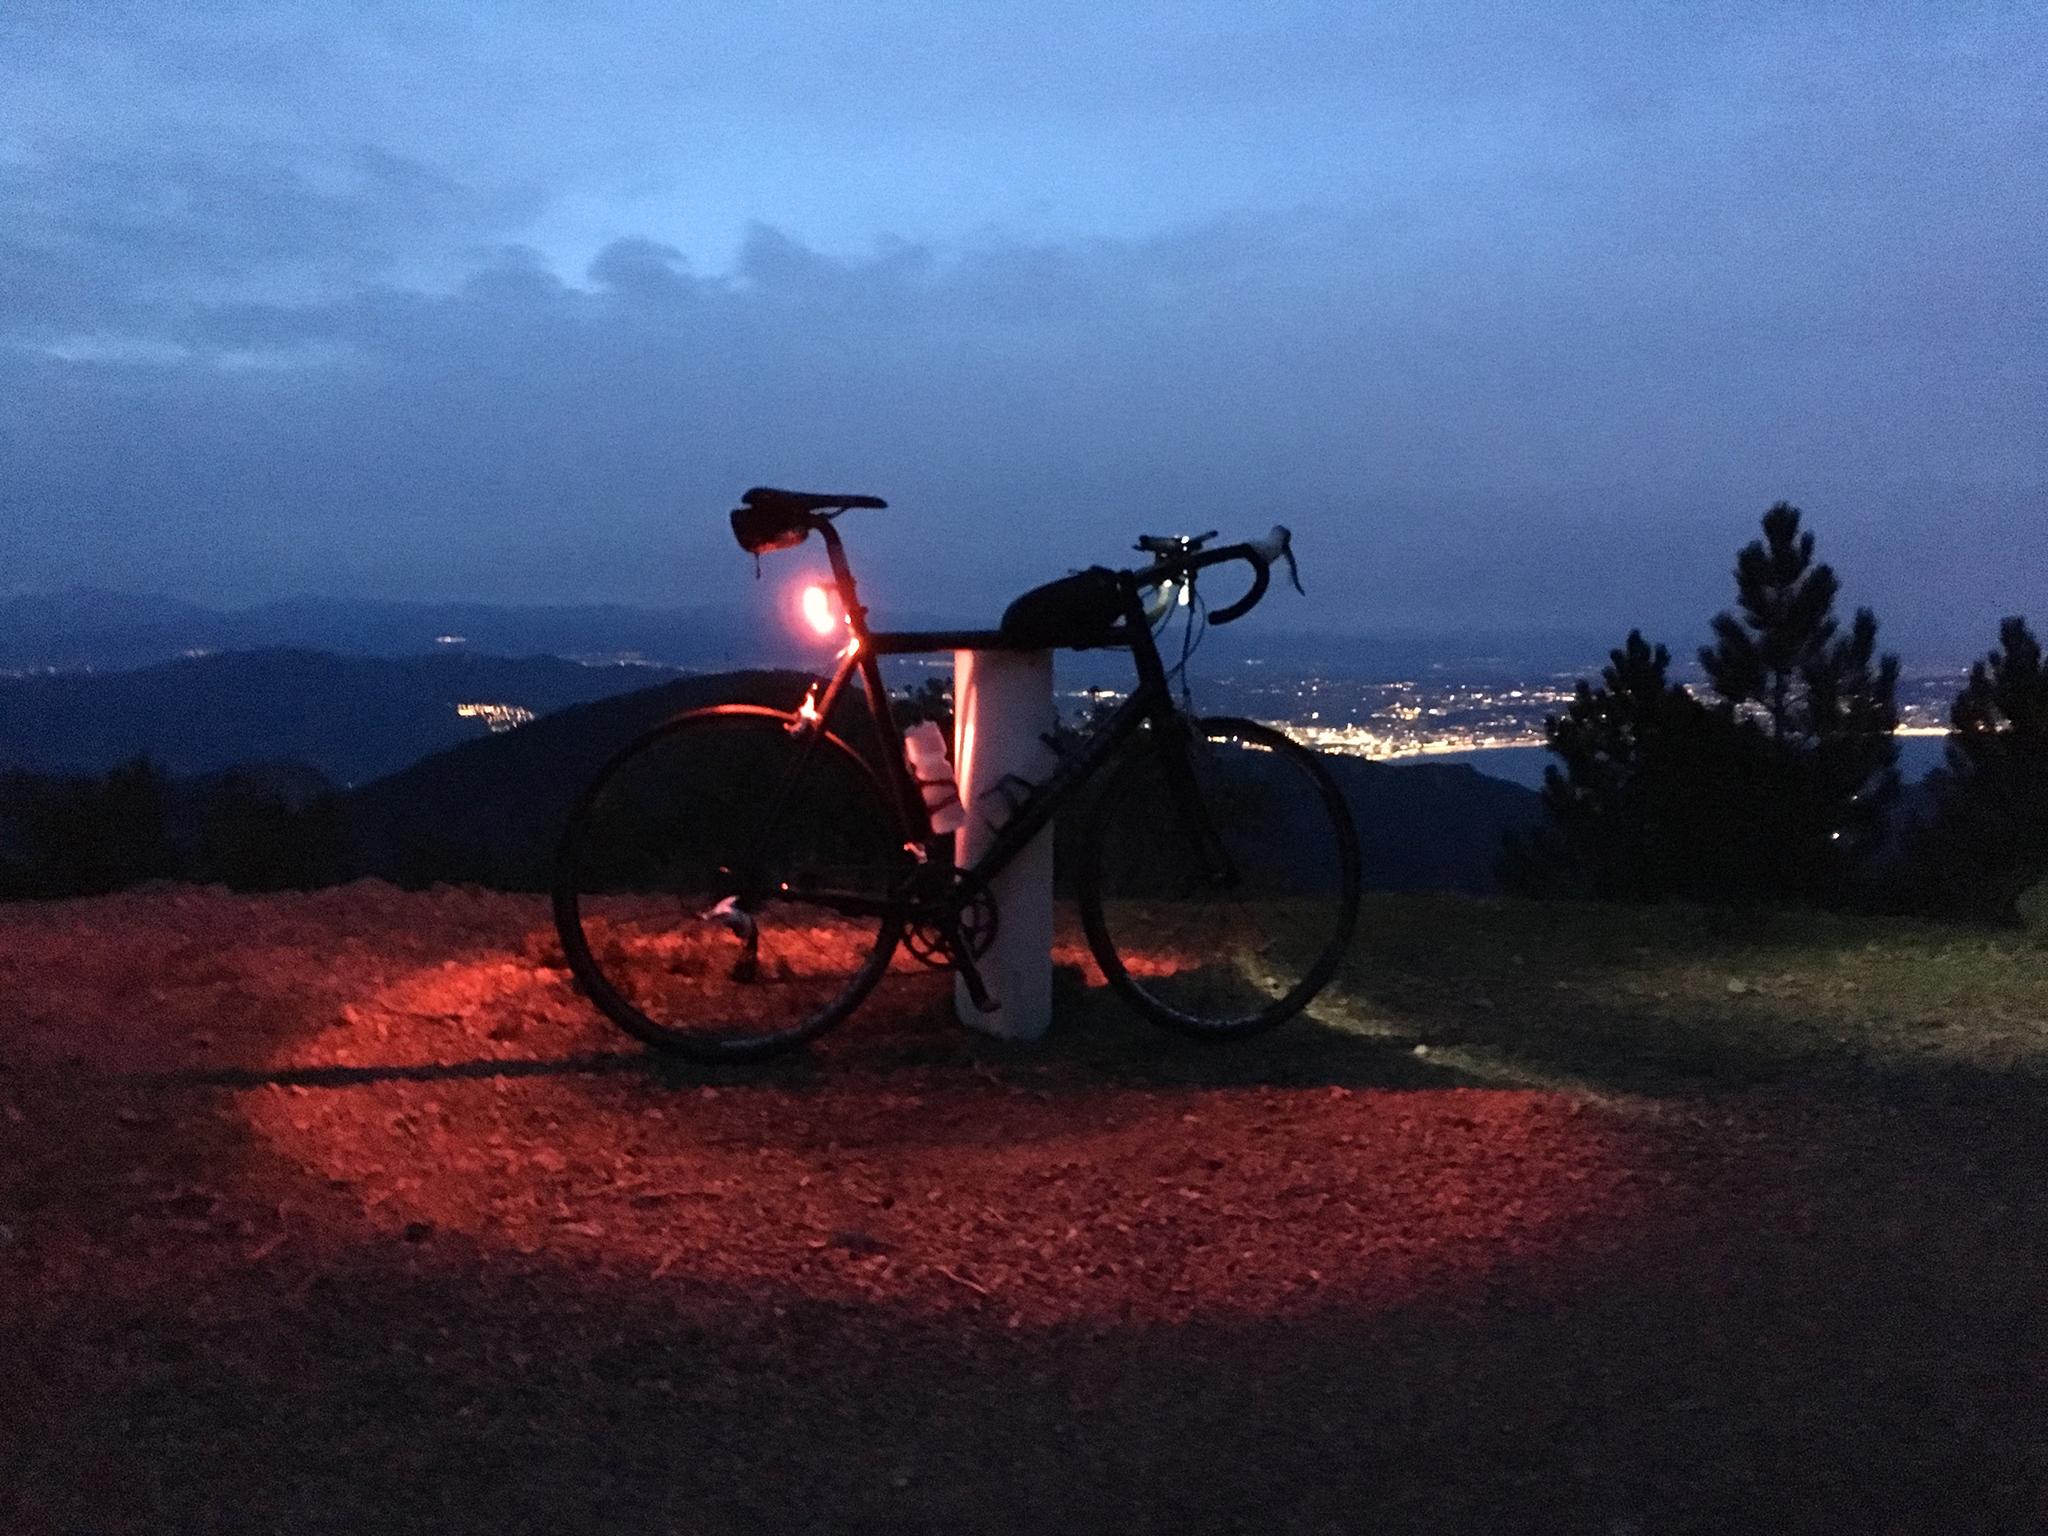 Eine Tour bei Cannes mit dem Rennrad in der Abenddämmerung